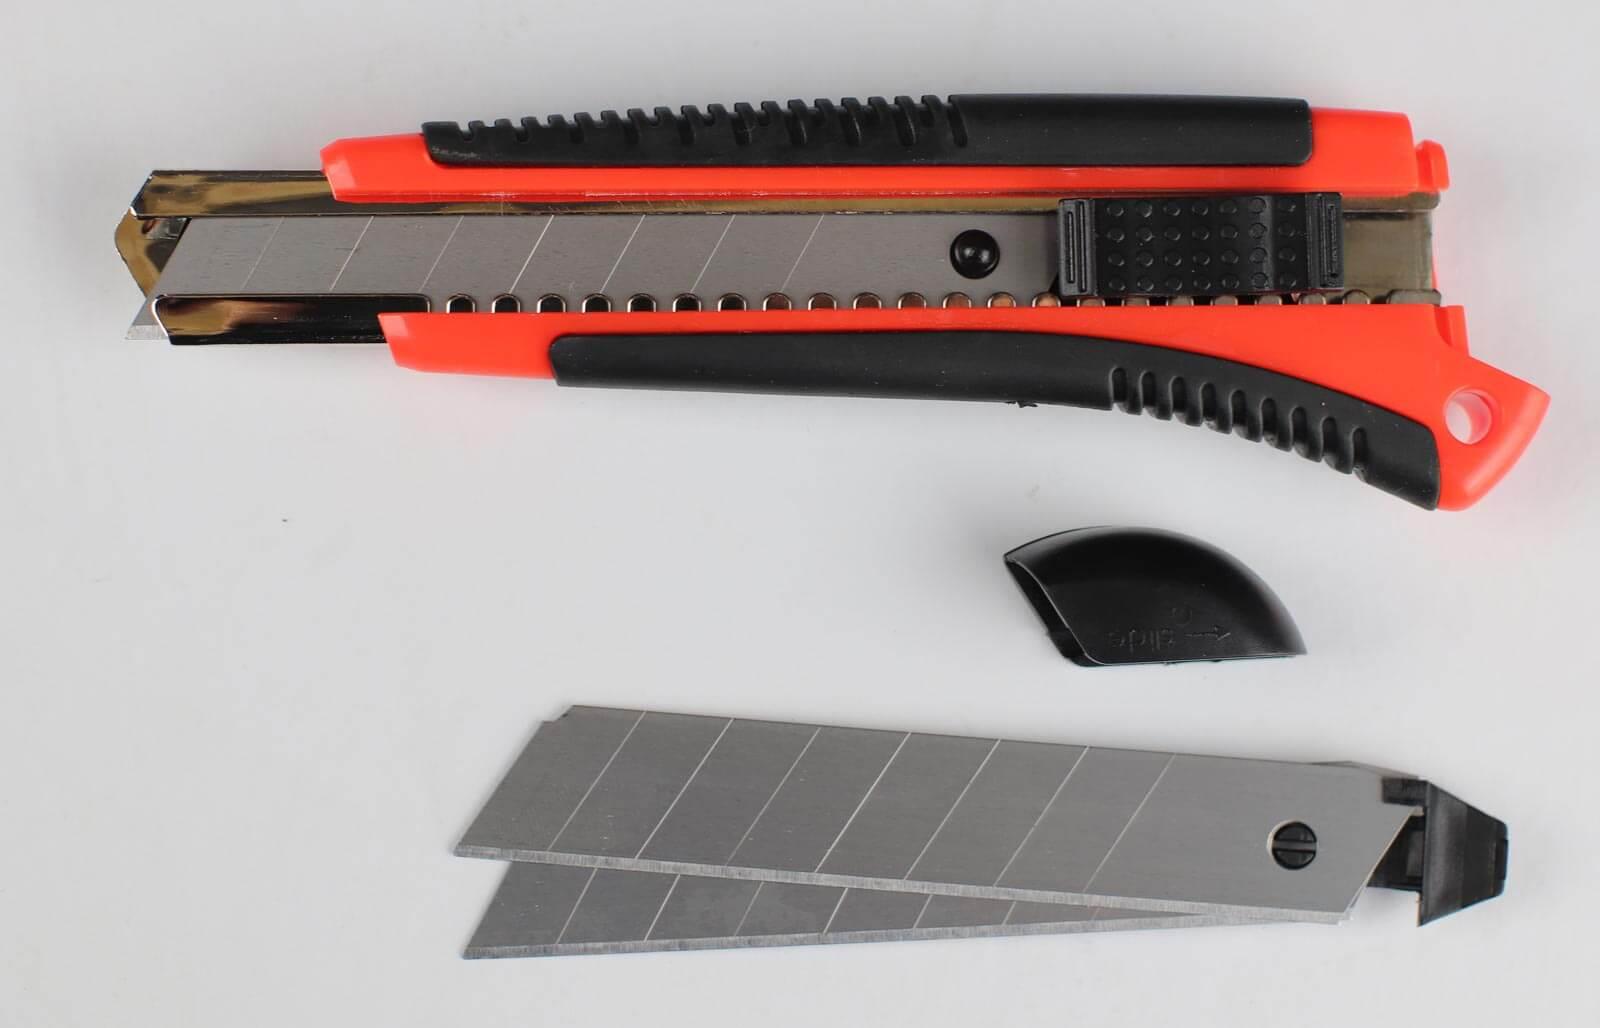 C062-Cuttermesser-18-mm-Basic-Lieferumfang-CURT-tools_1600